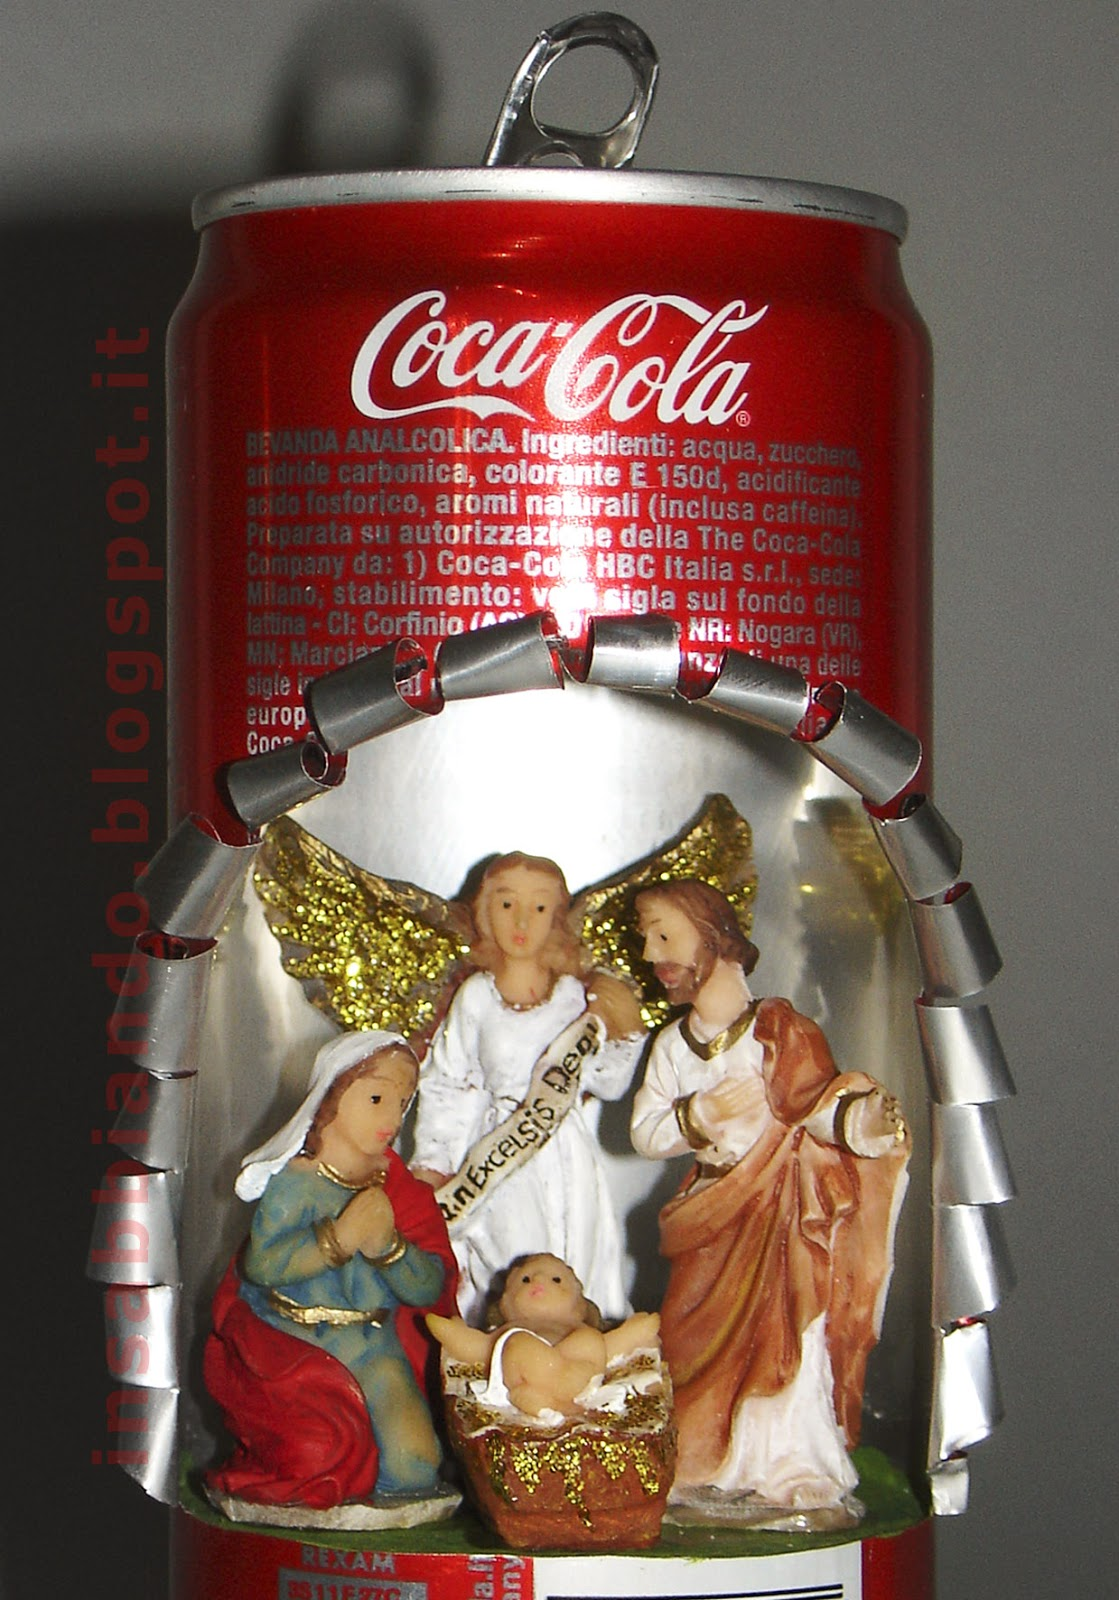 Insabbiando il presepe in lattina coca cola for Idee fai da te